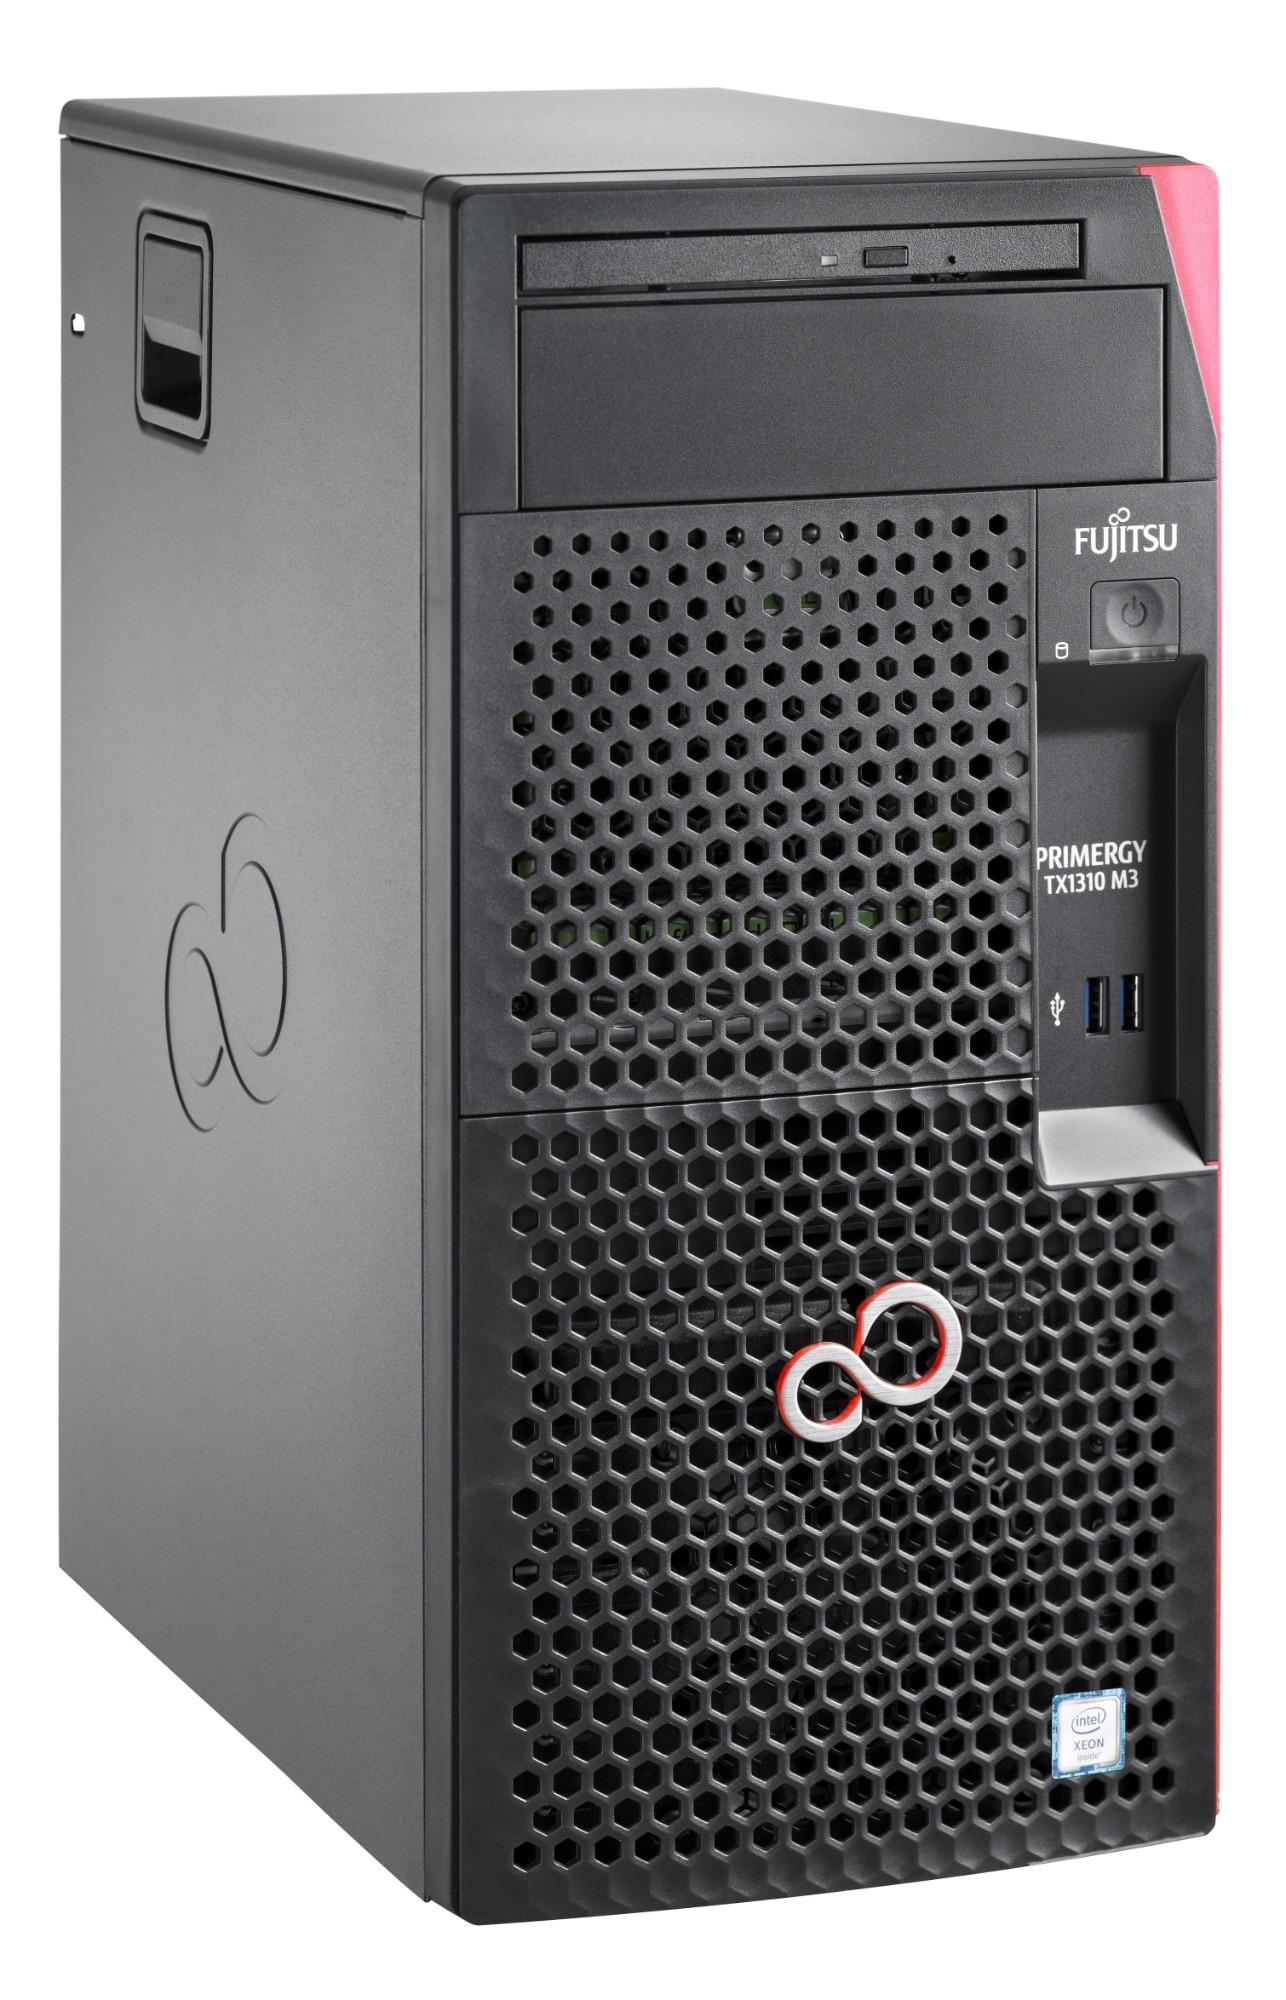 Fujitsu PRIMERGY TX1310 M3 3.3GHz Tower E3-1225V6 Intel® Xeon® E3 v6 250W server